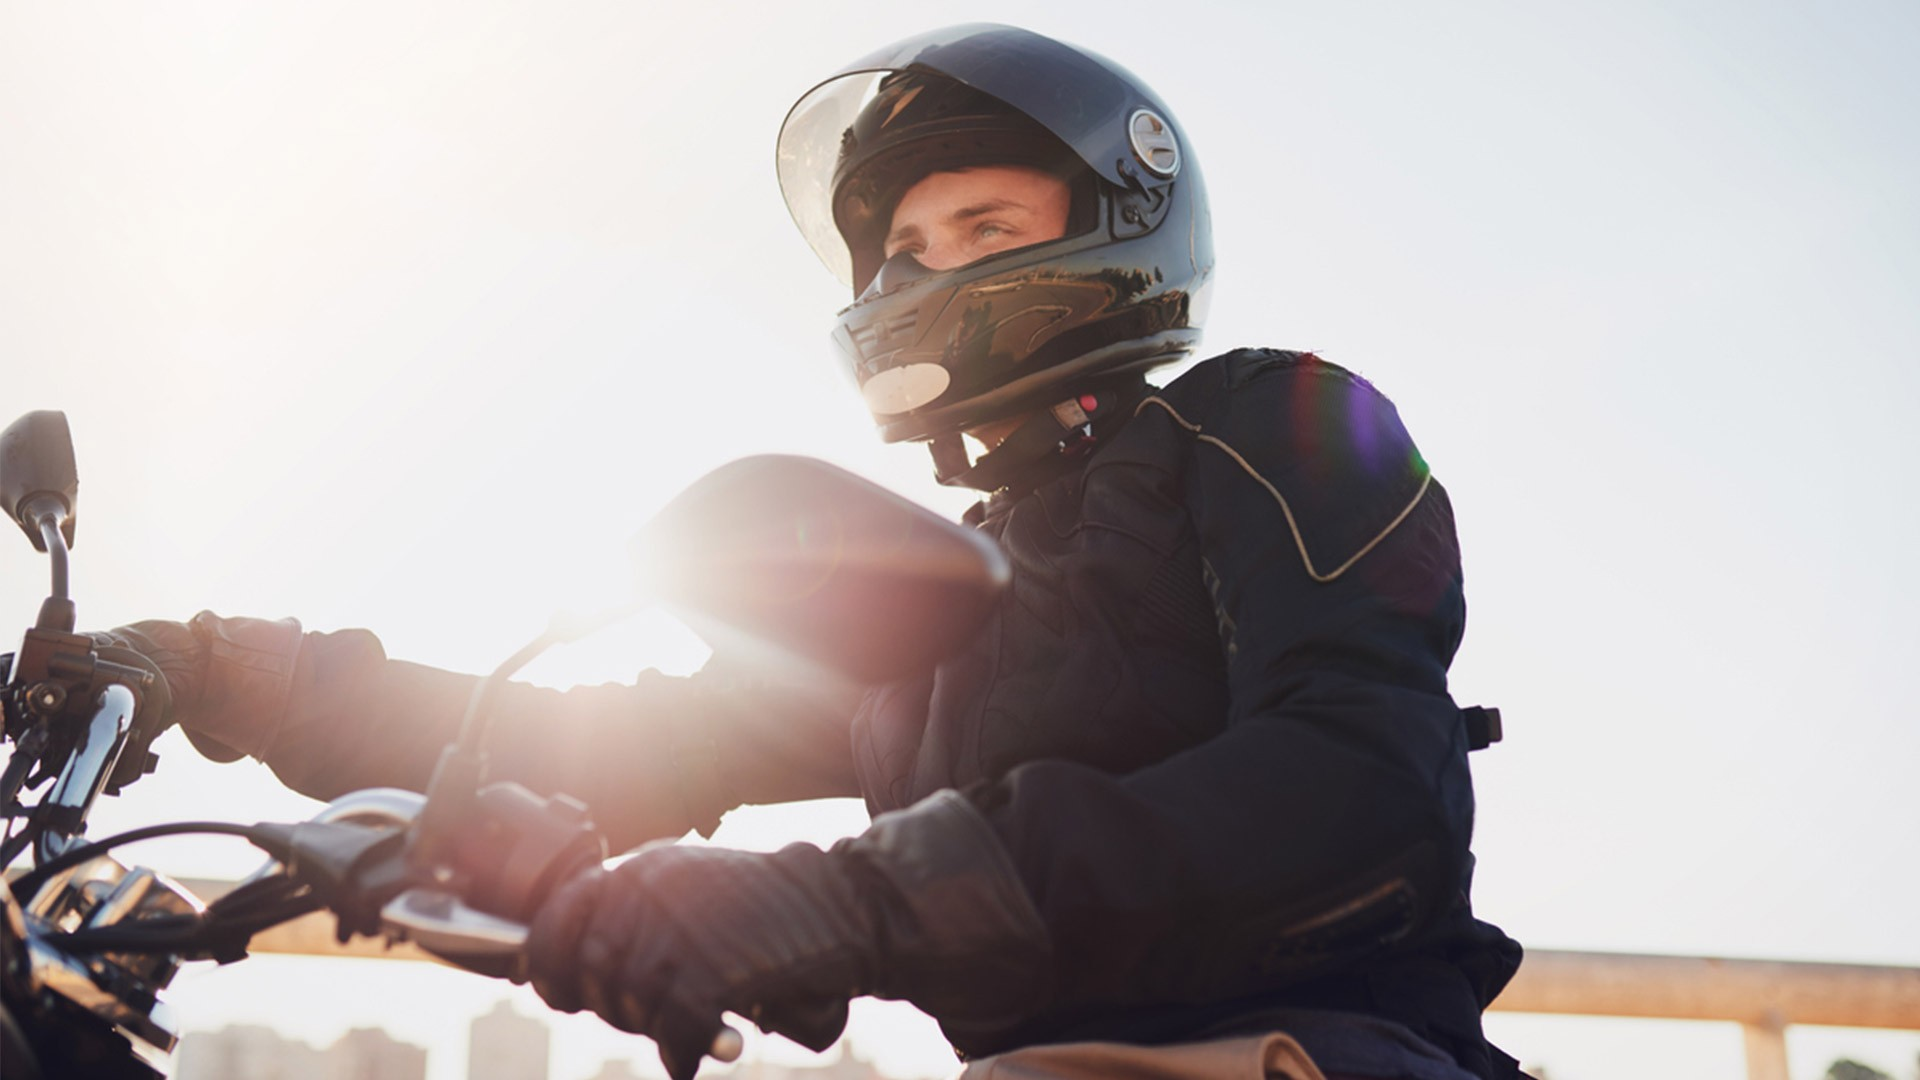 ¿Cómo andar en moto de forma segura?